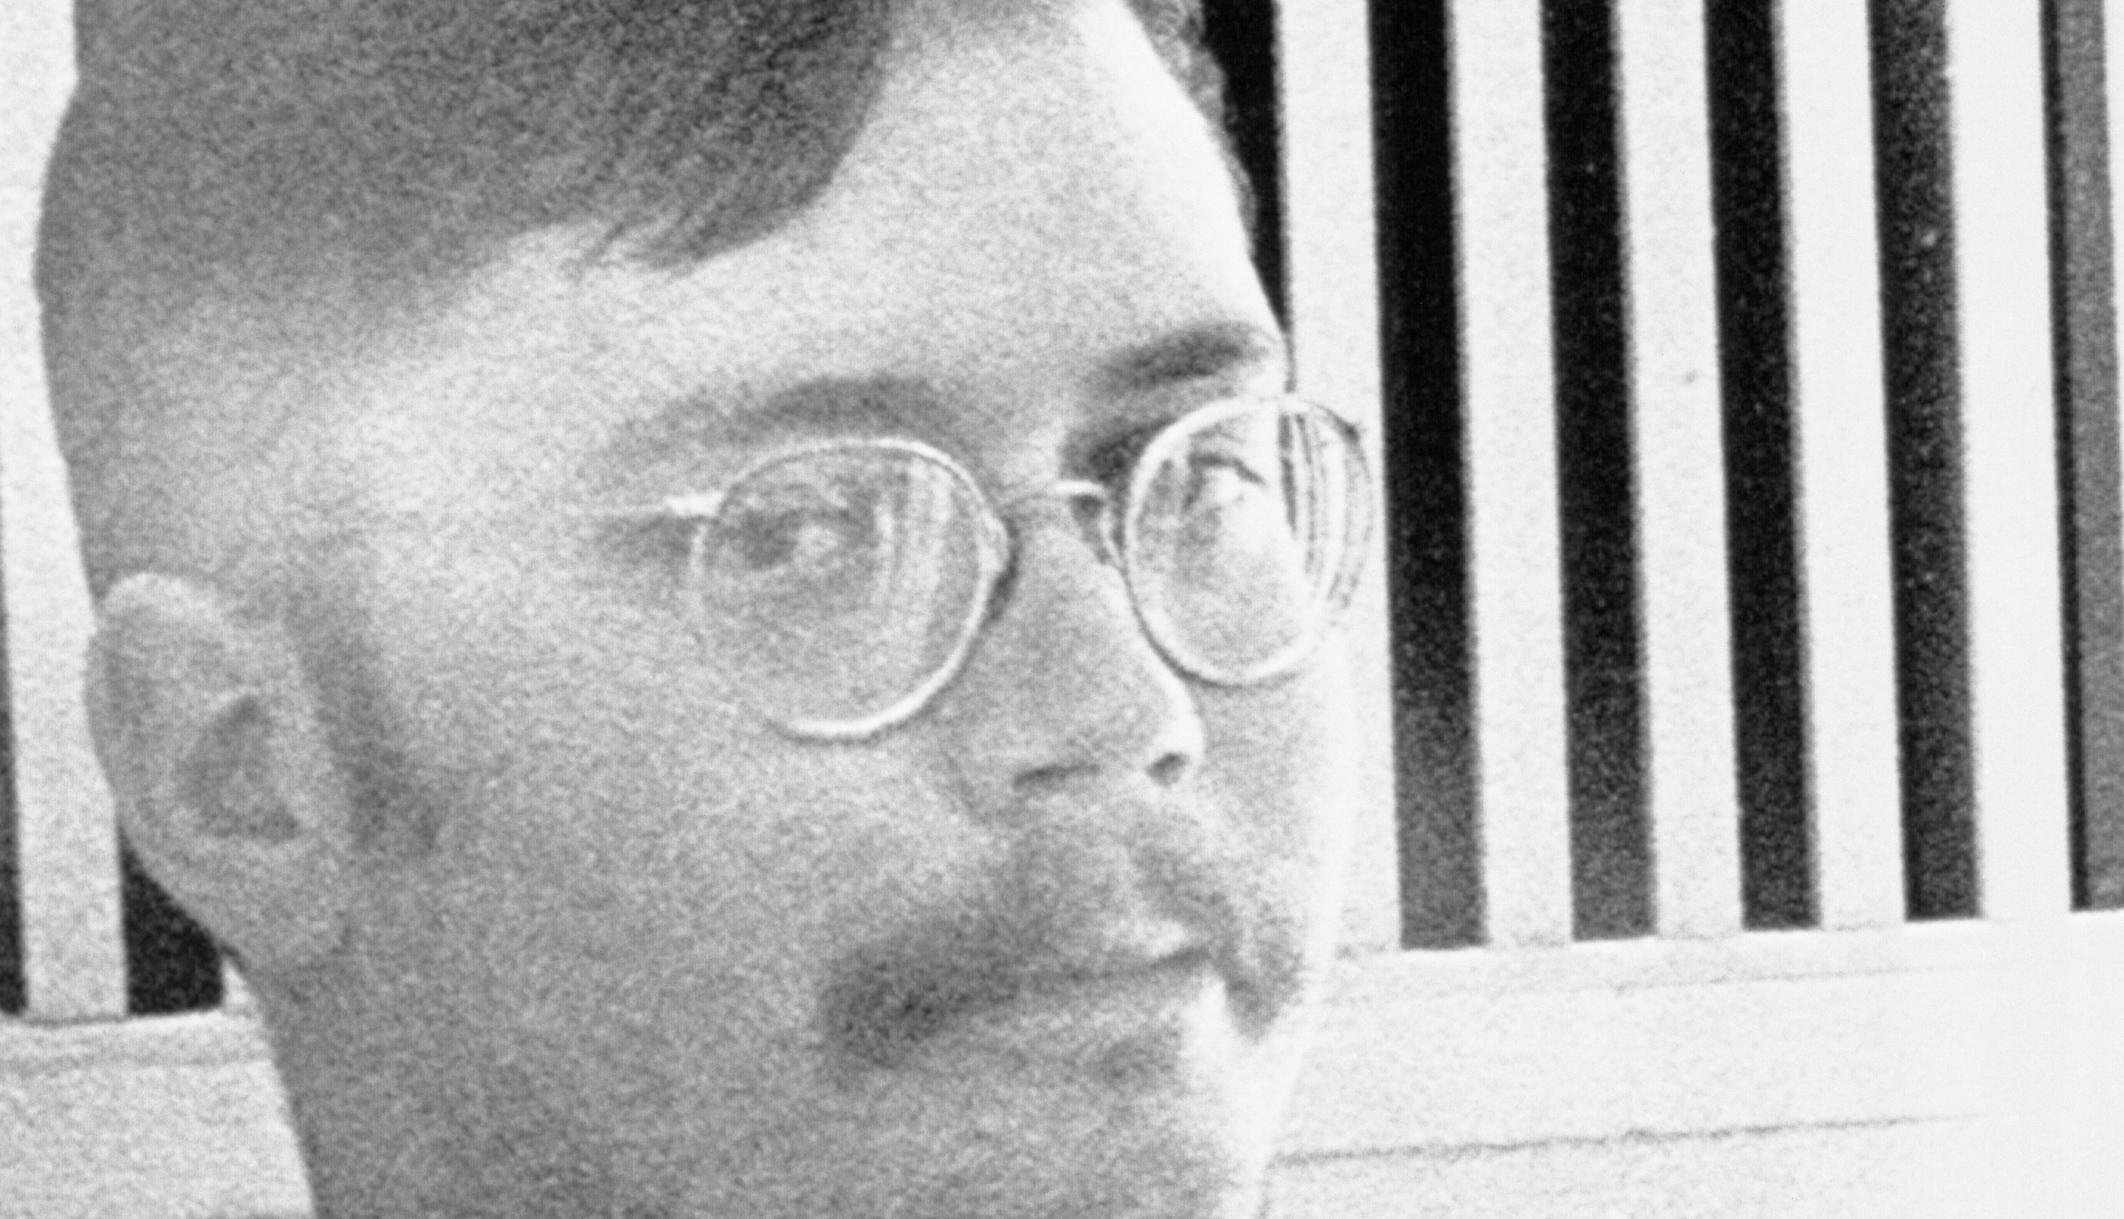 'Убиецът от Ед' Ед Кемпер: Тогава и сега